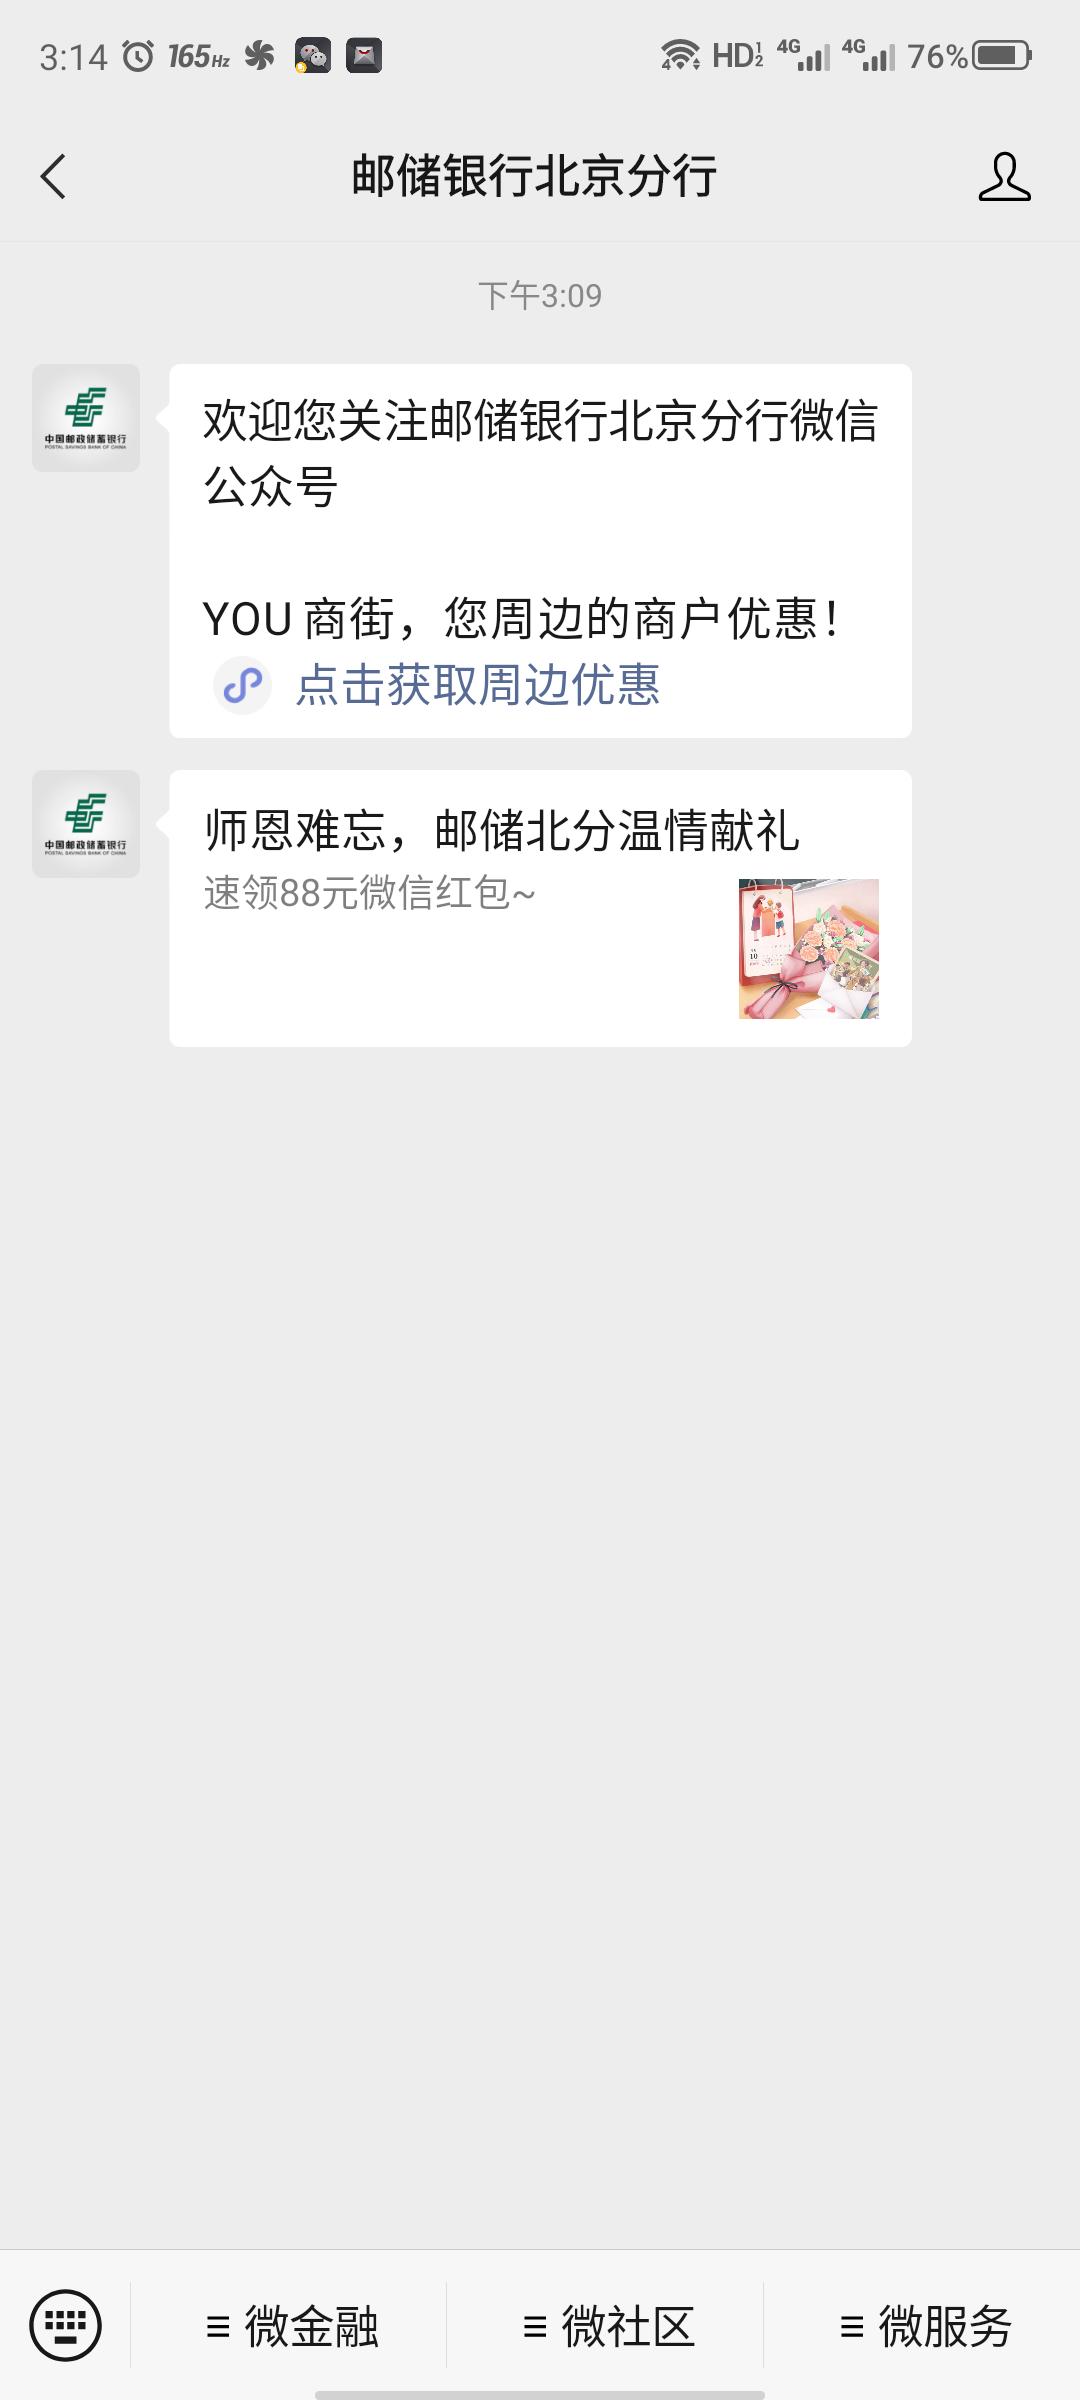 【现金红包】邮政储蓄北分温情献礼接受红包插图